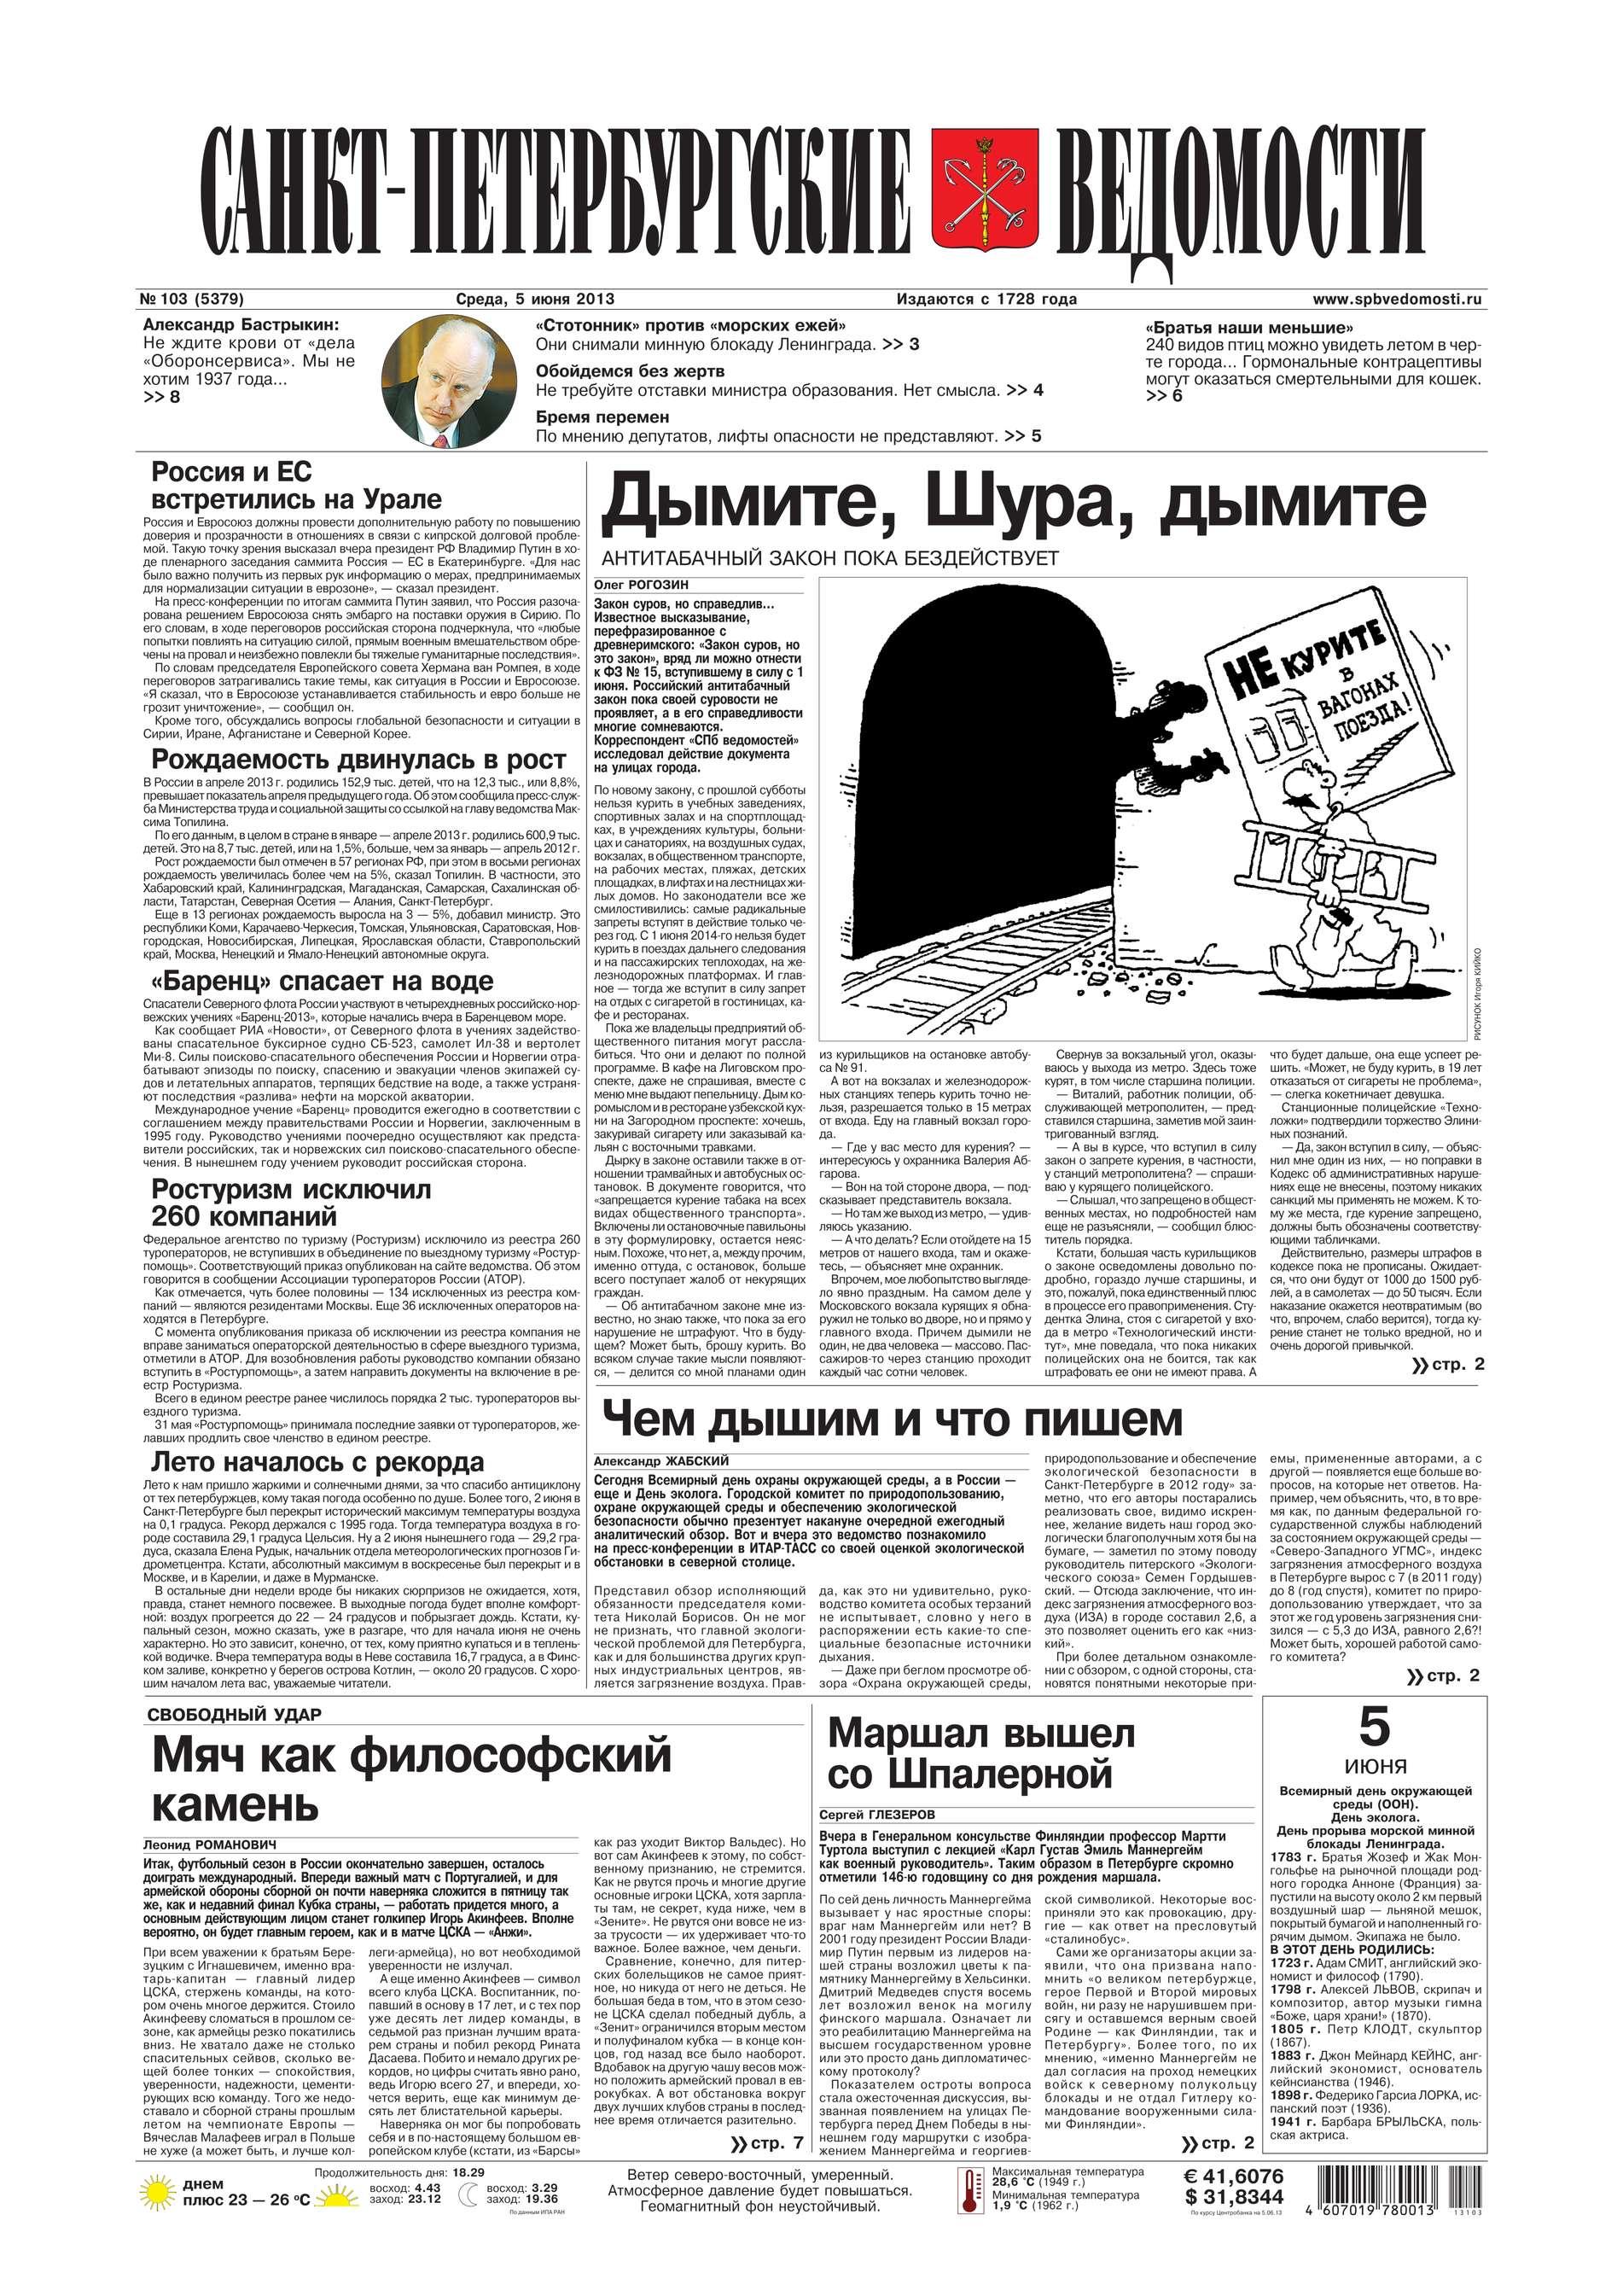 Редакция газеты Санкт-Петербургские ведомости 103